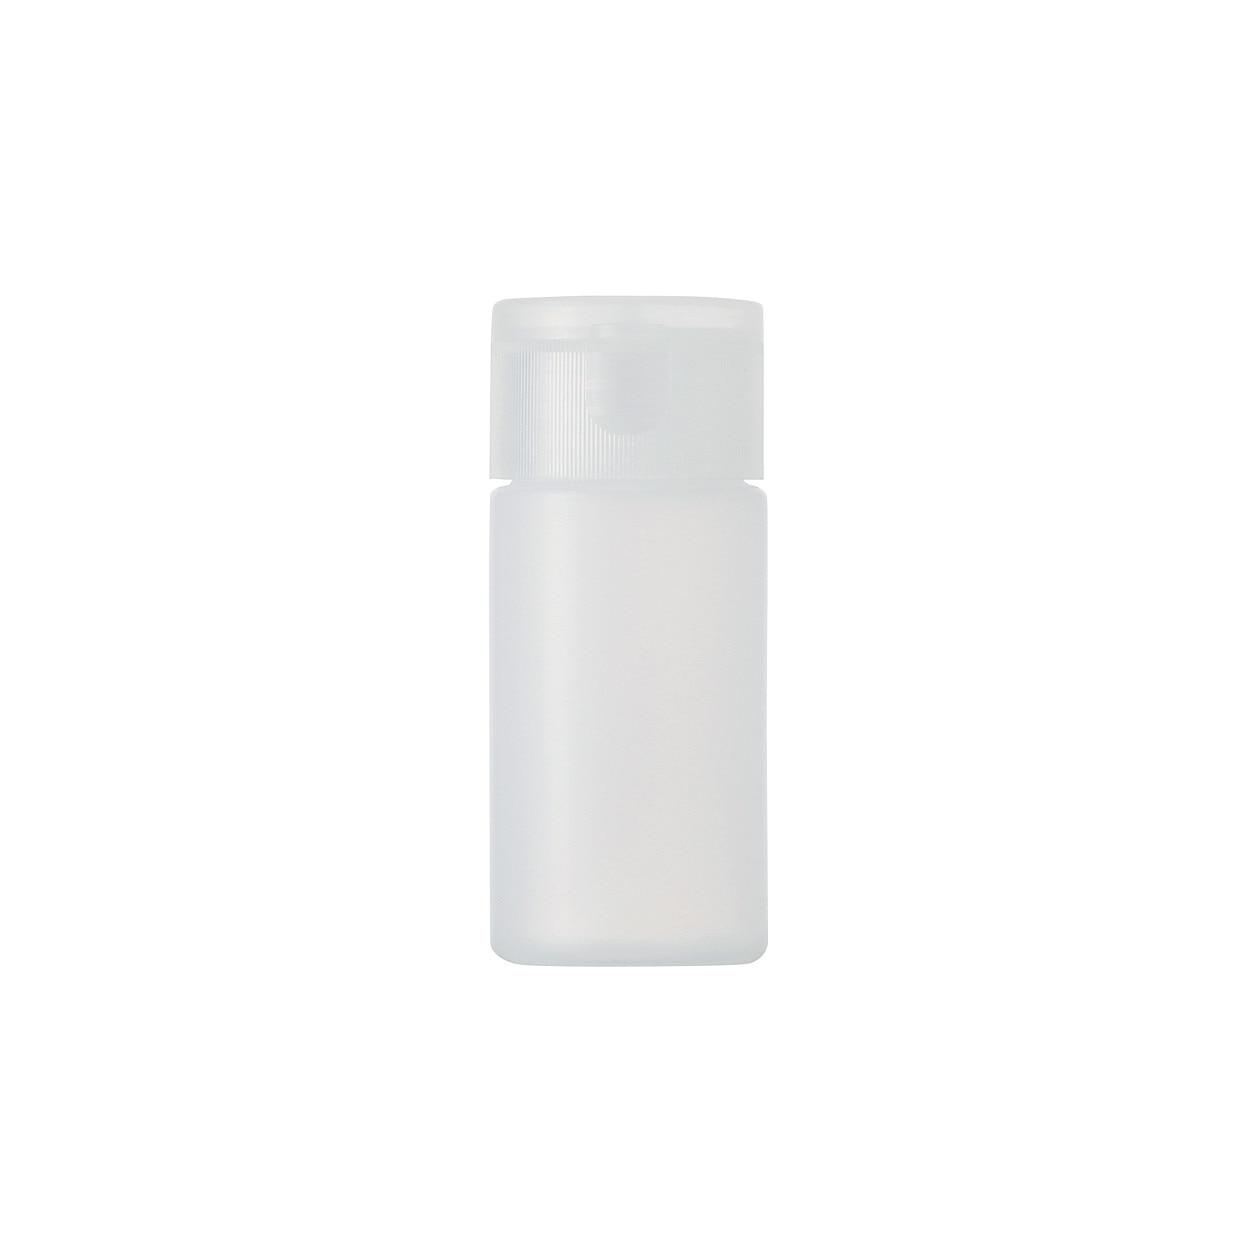 ポリエチレン小分けボトルワンタッチキャップ・30ml